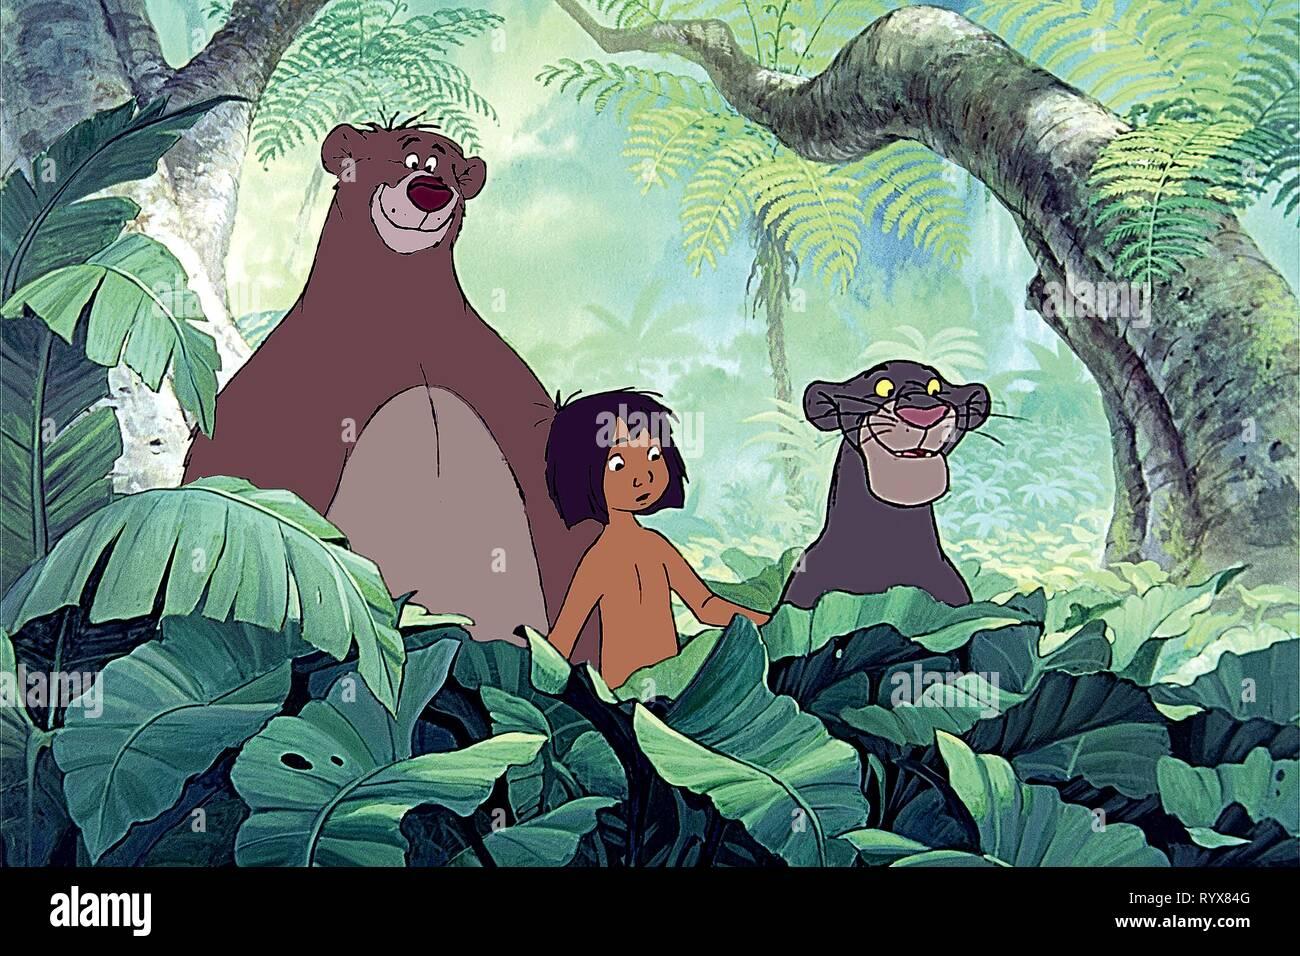 Baloo Jungle Book Stock Photos Baloo Jungle Book Stock